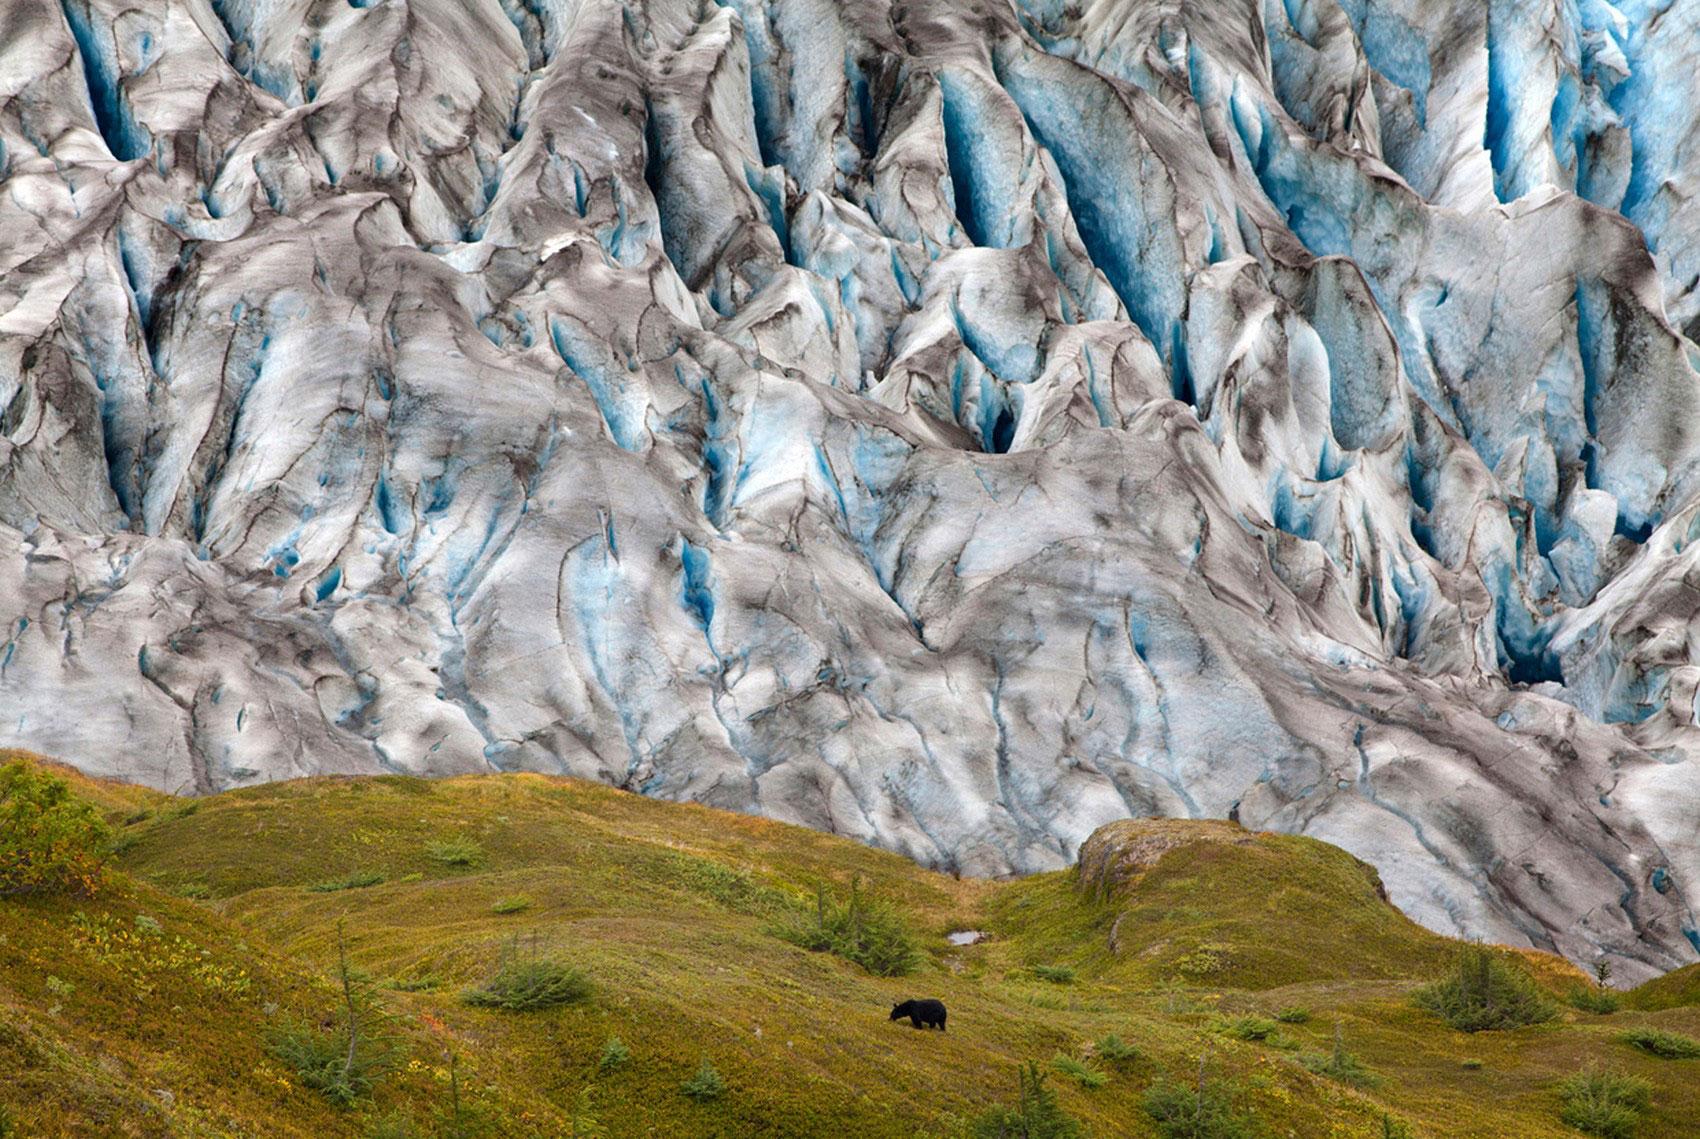 медведь у ледника, фото